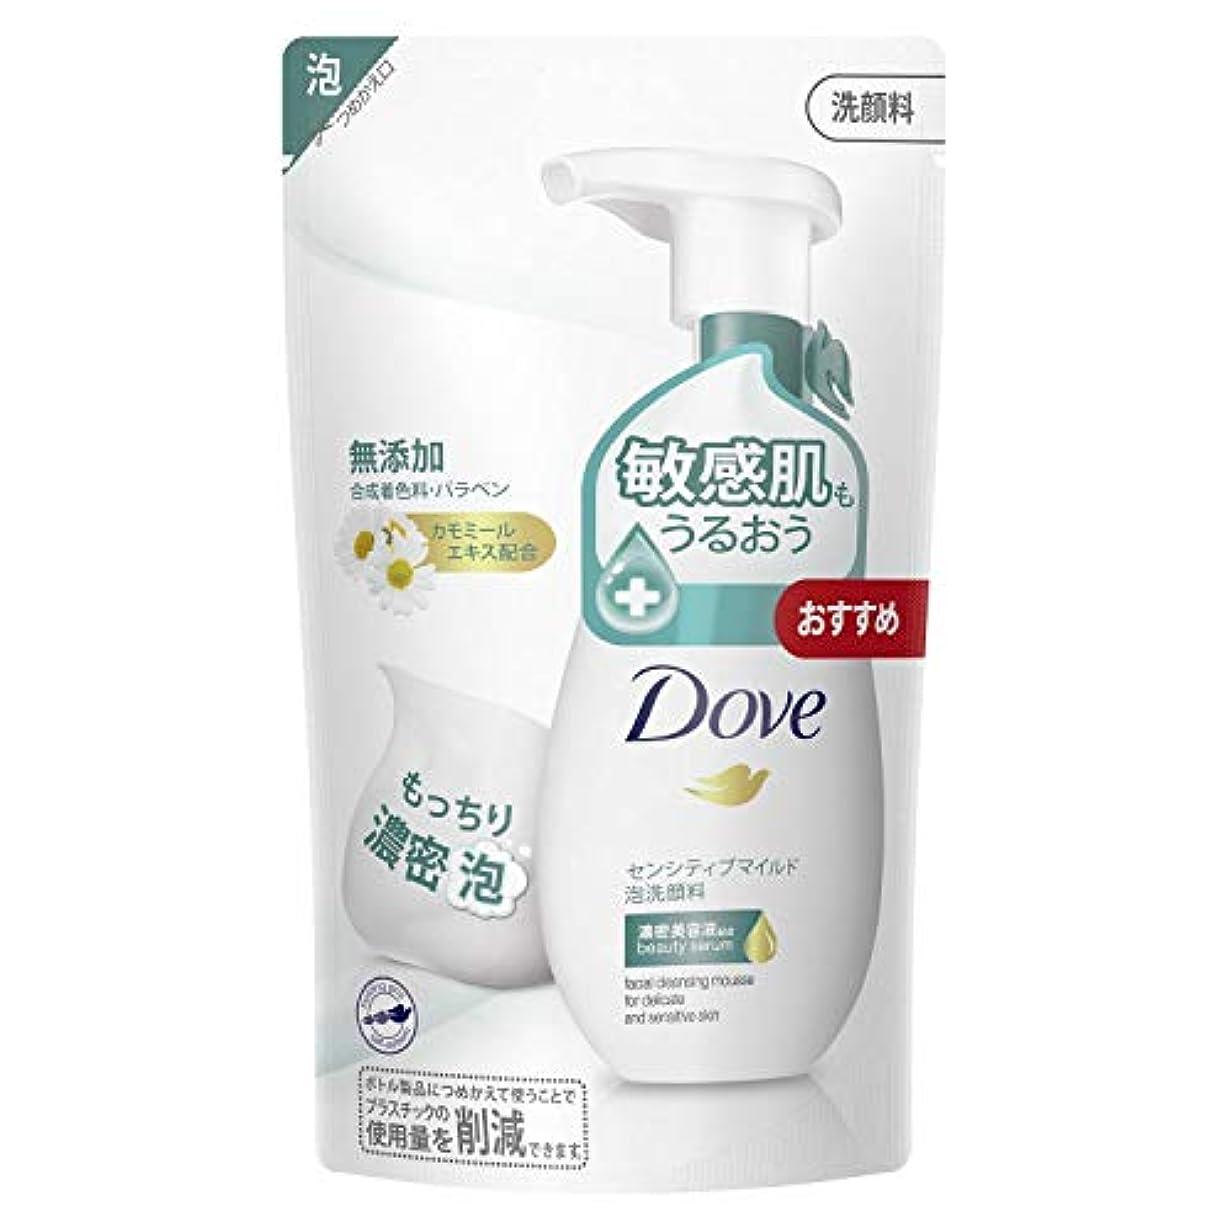 固有のベース信頼性のあるダヴ センシティブマイルド クリーミー泡洗顔料 つめかえ用 敏感肌用 140mL